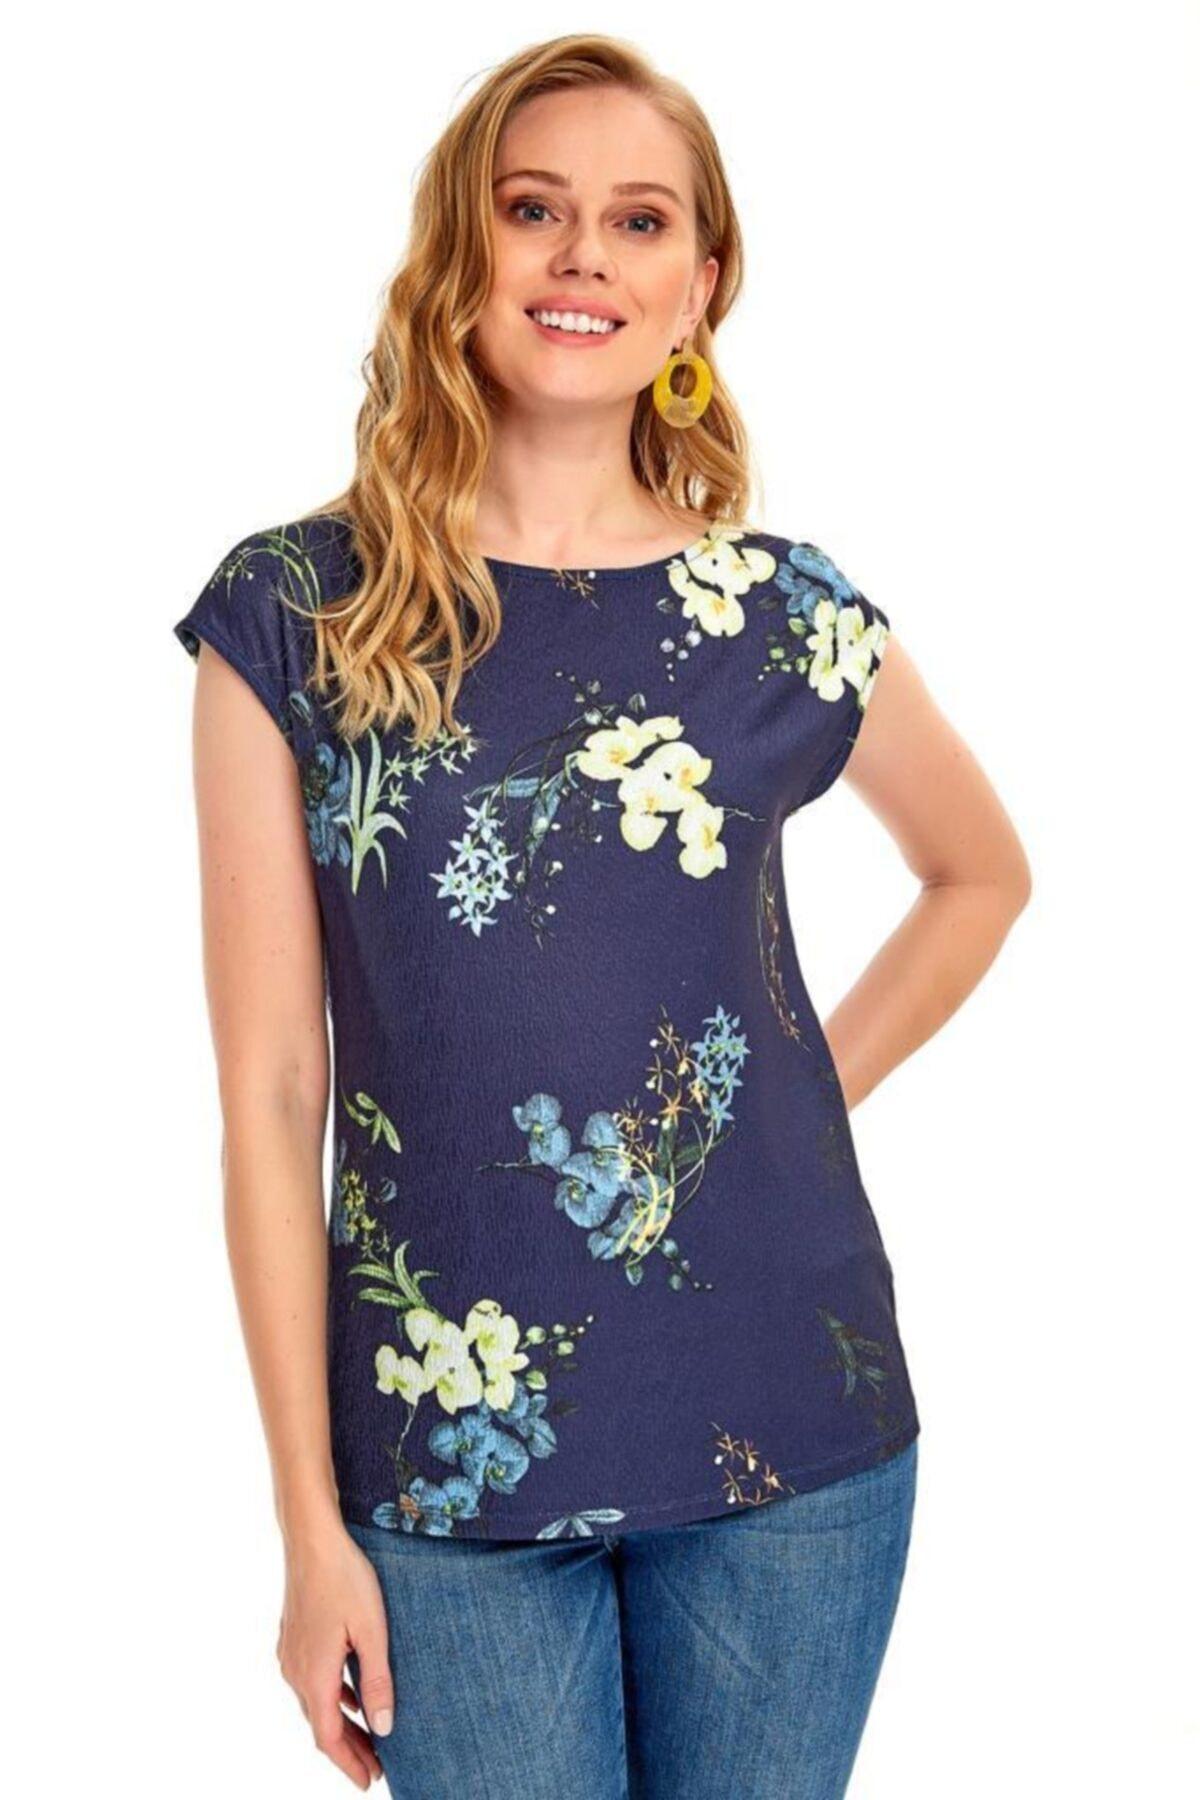 İKİLER Kadın Lacivert Düşük Kol Desenli Bluz 020-1010 1